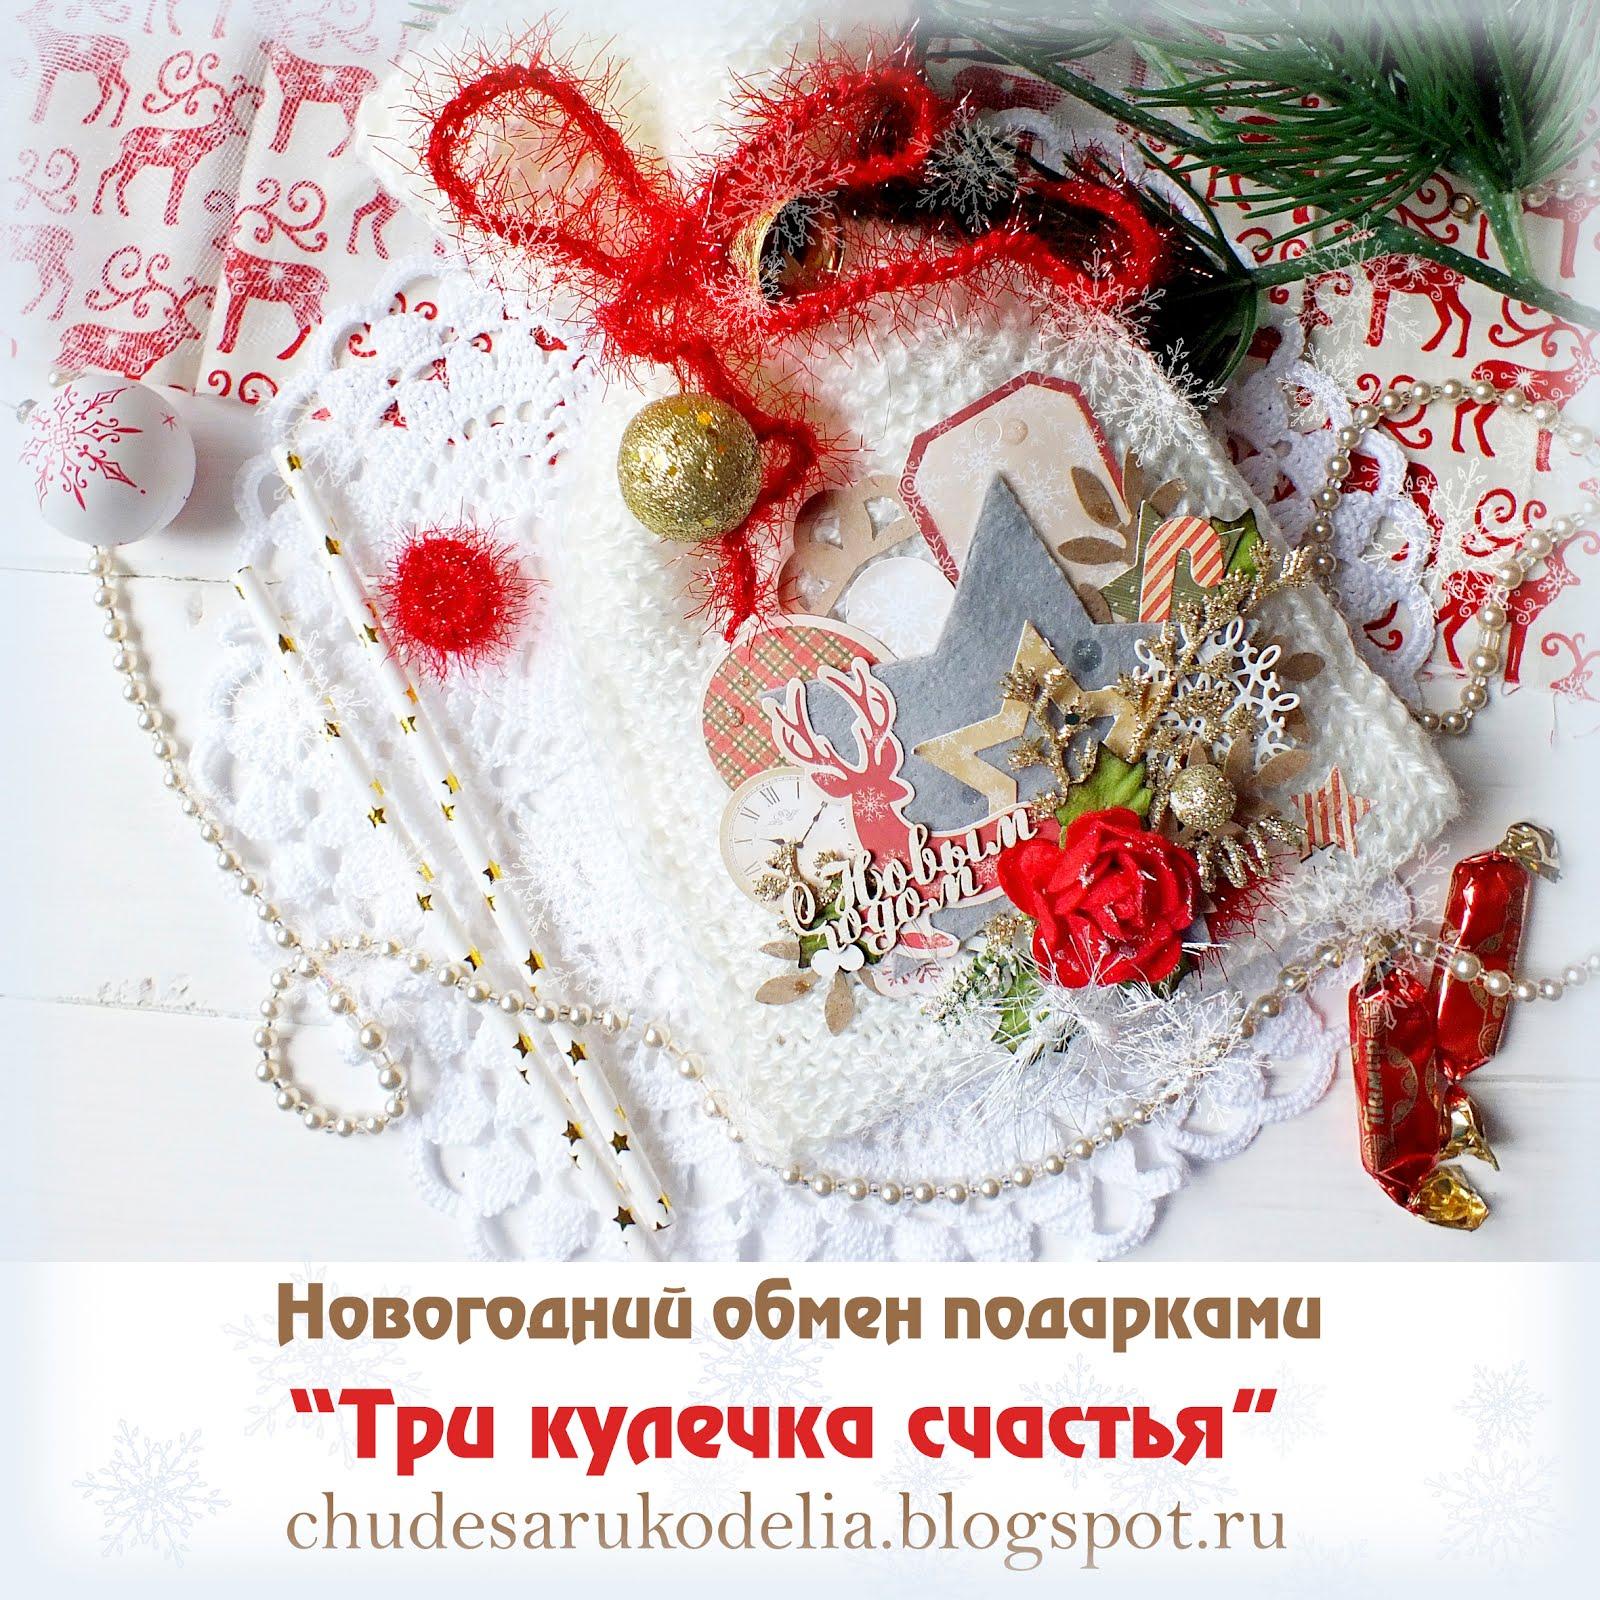 Новогодний обмен подарками